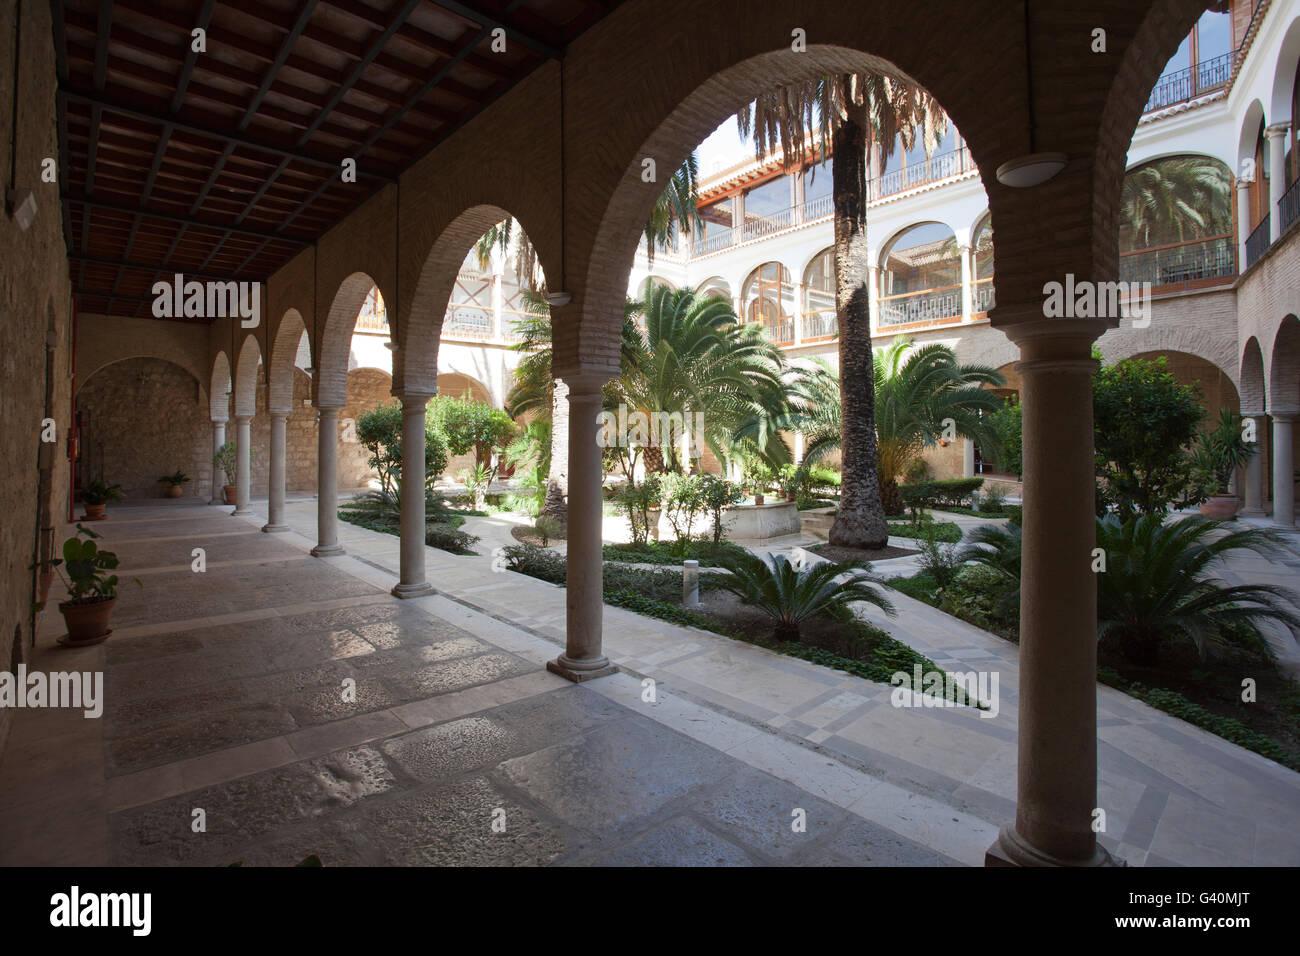 Hospital de San Juan de Dios, town of Jaén, Andalusia, Spain, Europe - Stock Image